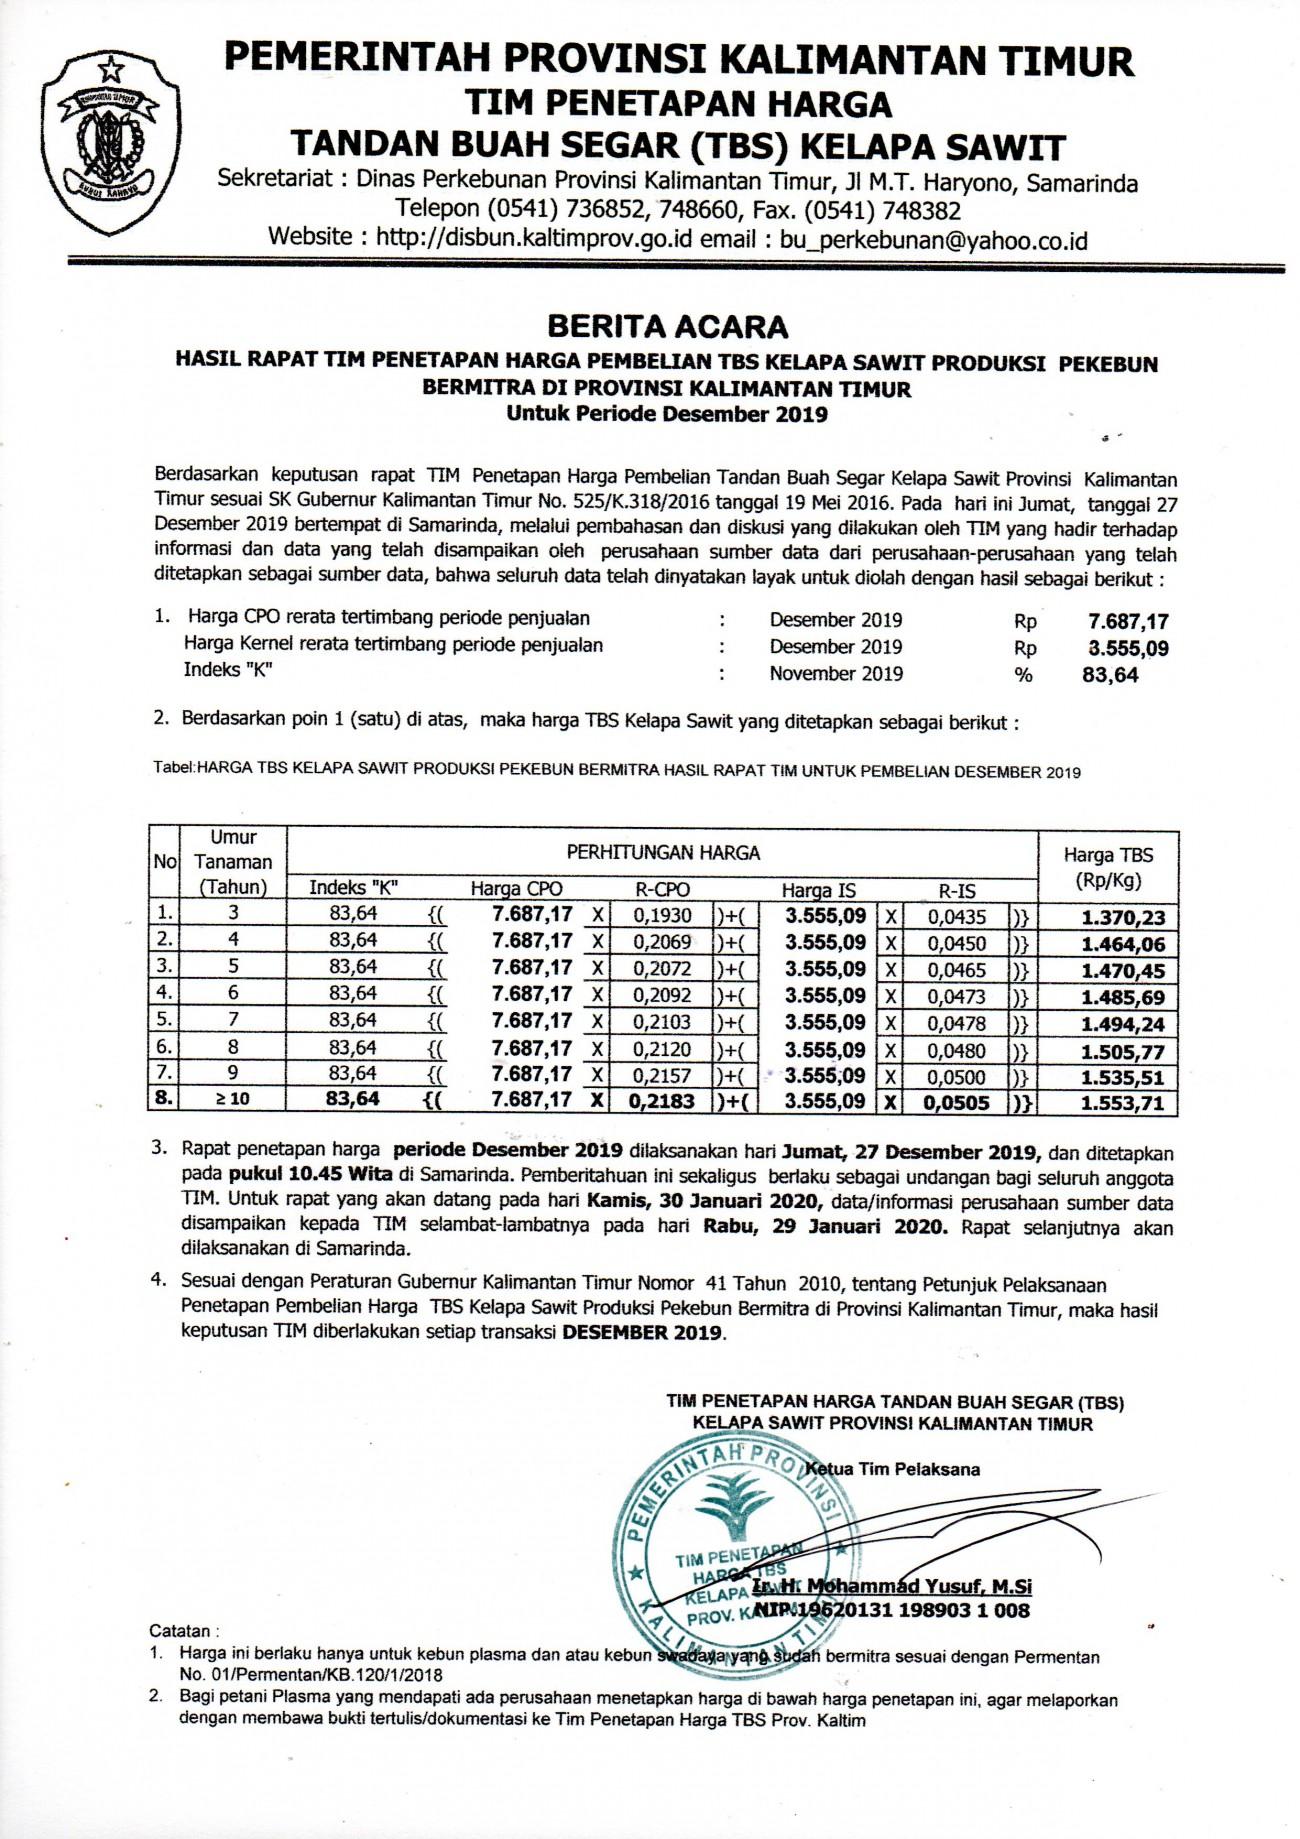 Informasi Harga TBS Kelapa Sawit Bagi Pekebun Bermitra Bulan Desember 2019